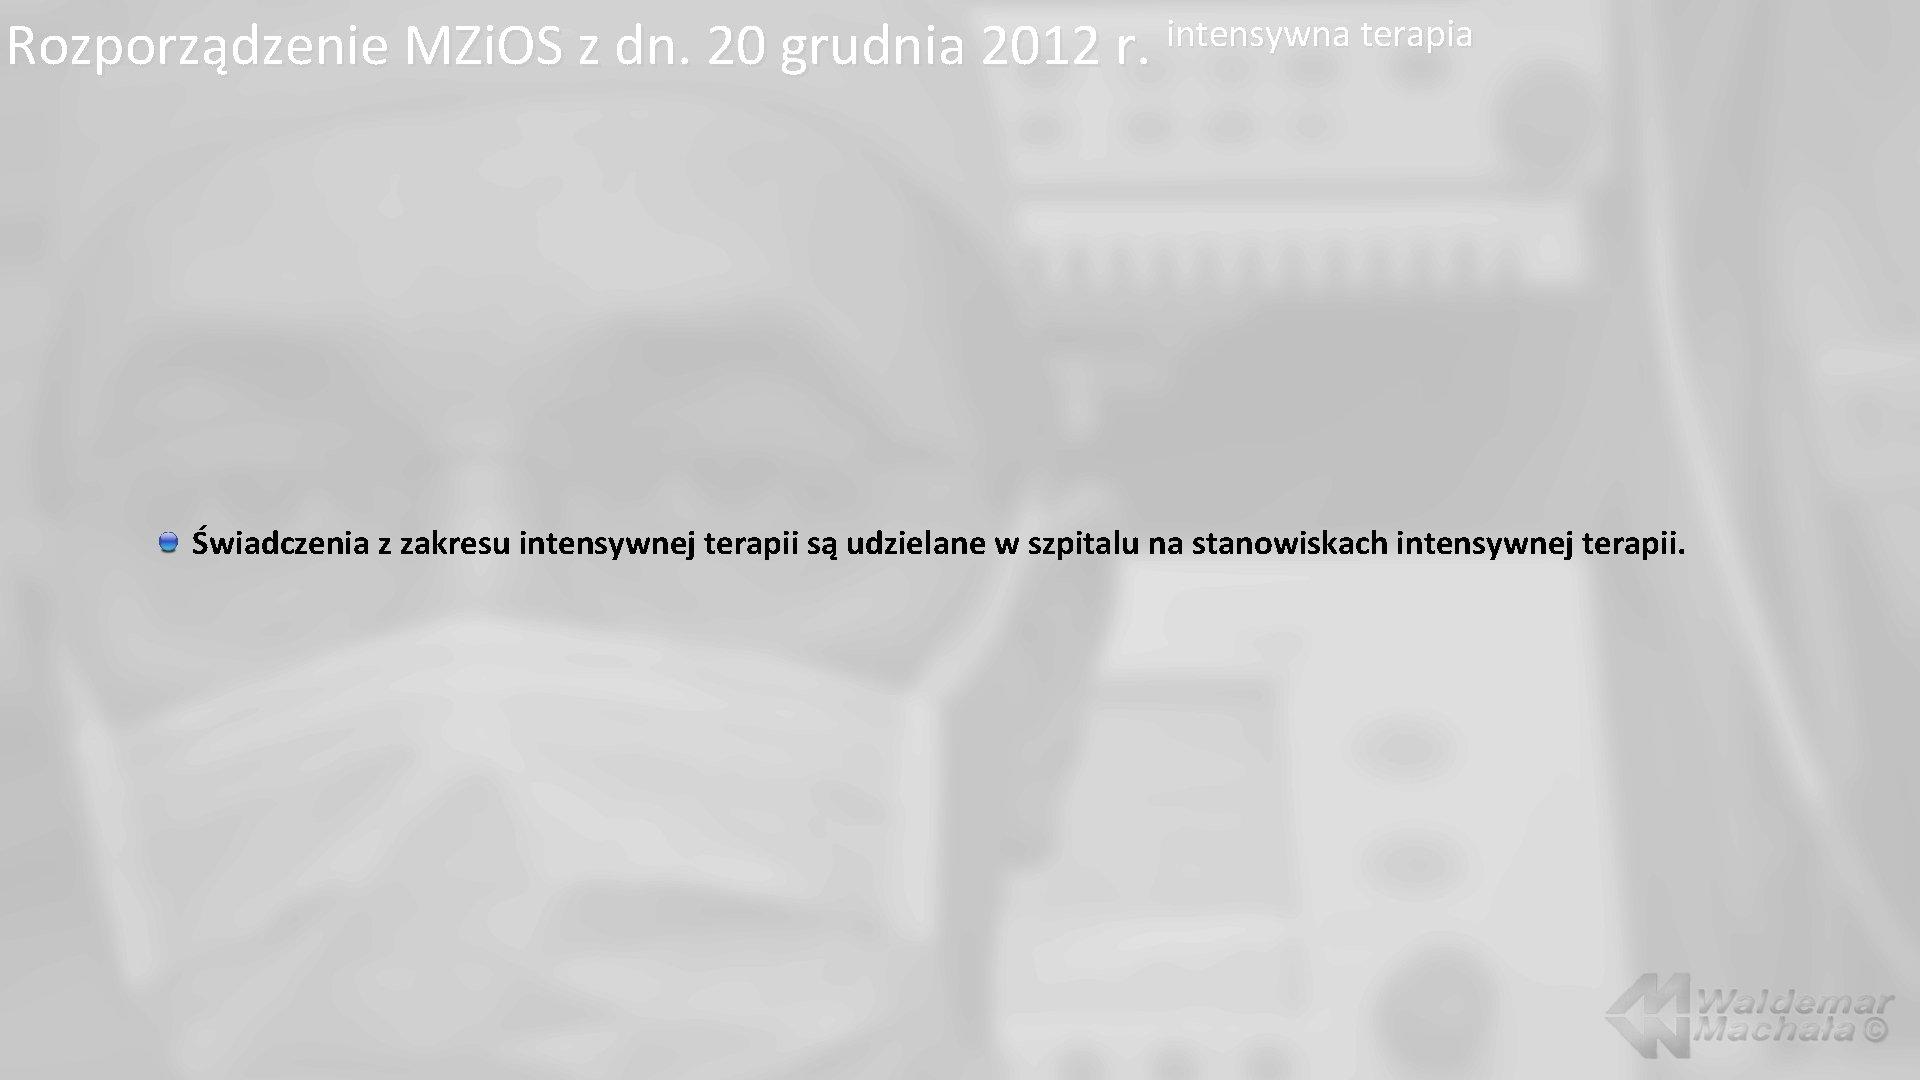 Rozporządzenie MZi. OS z dn. 20 grudnia 2012 r. intensywna terapia Świadczenia z zakresu